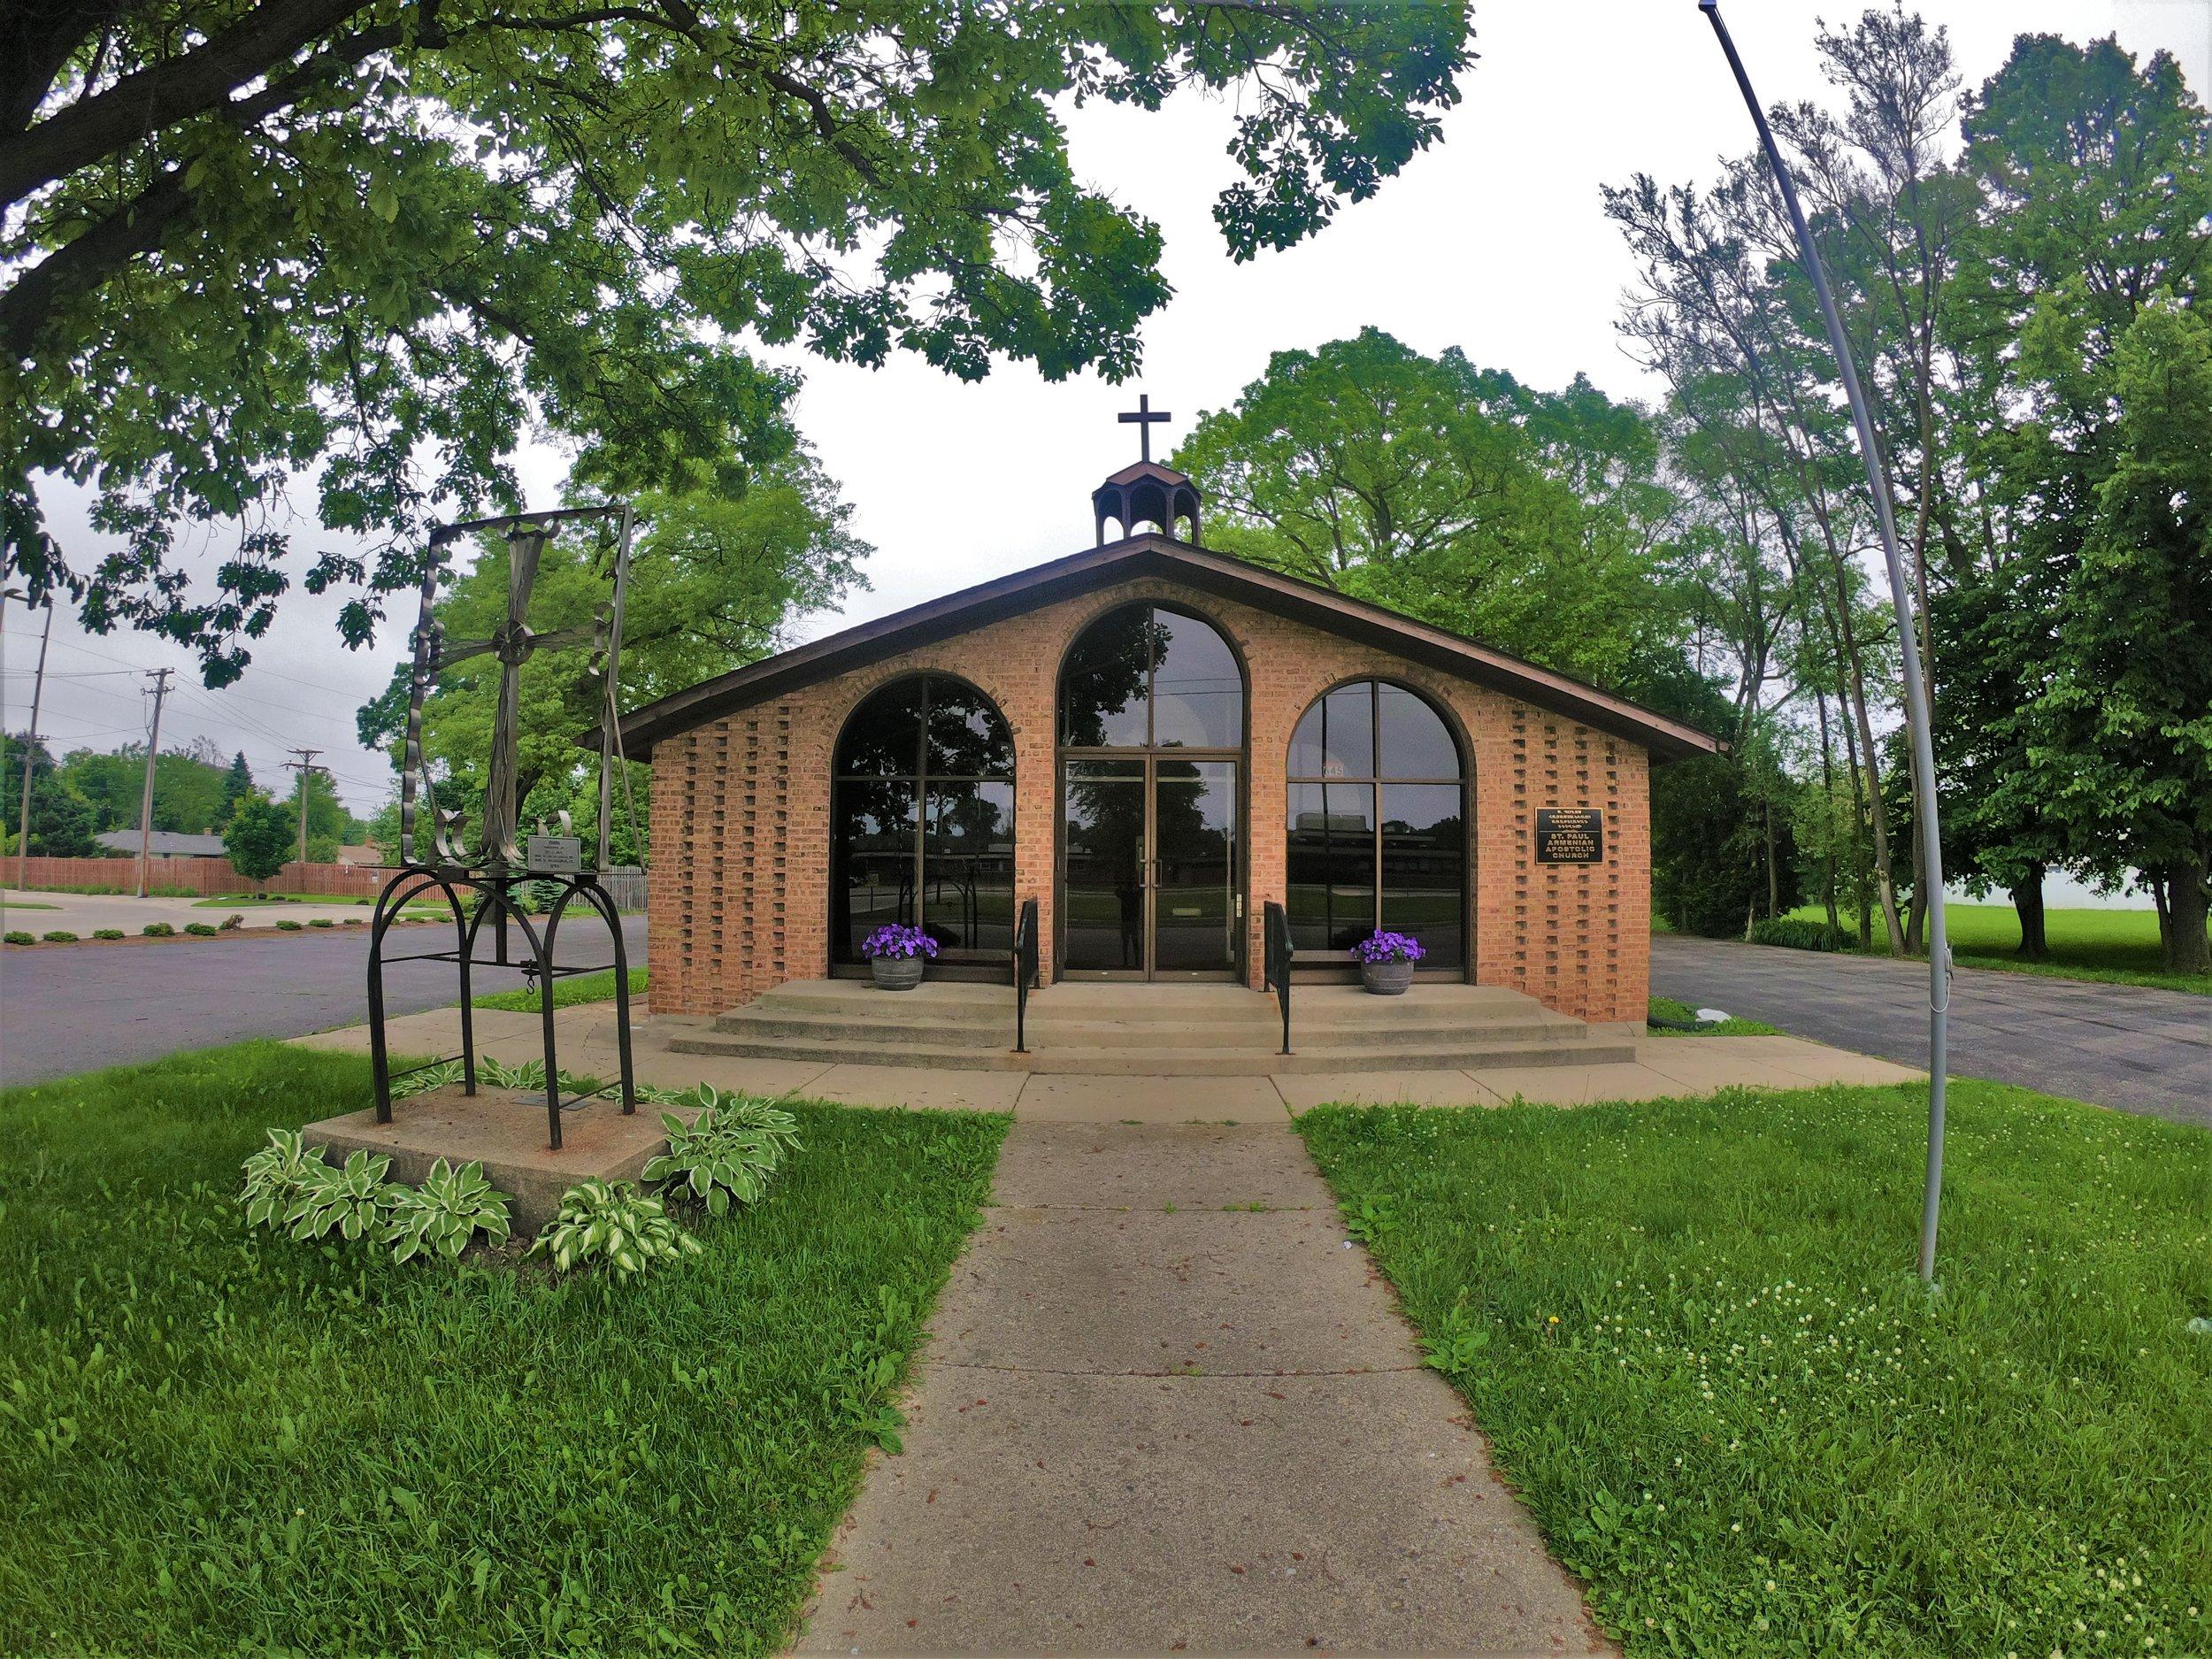 St. Paul Armenian Apostolic Church in Waukegan, Illinois